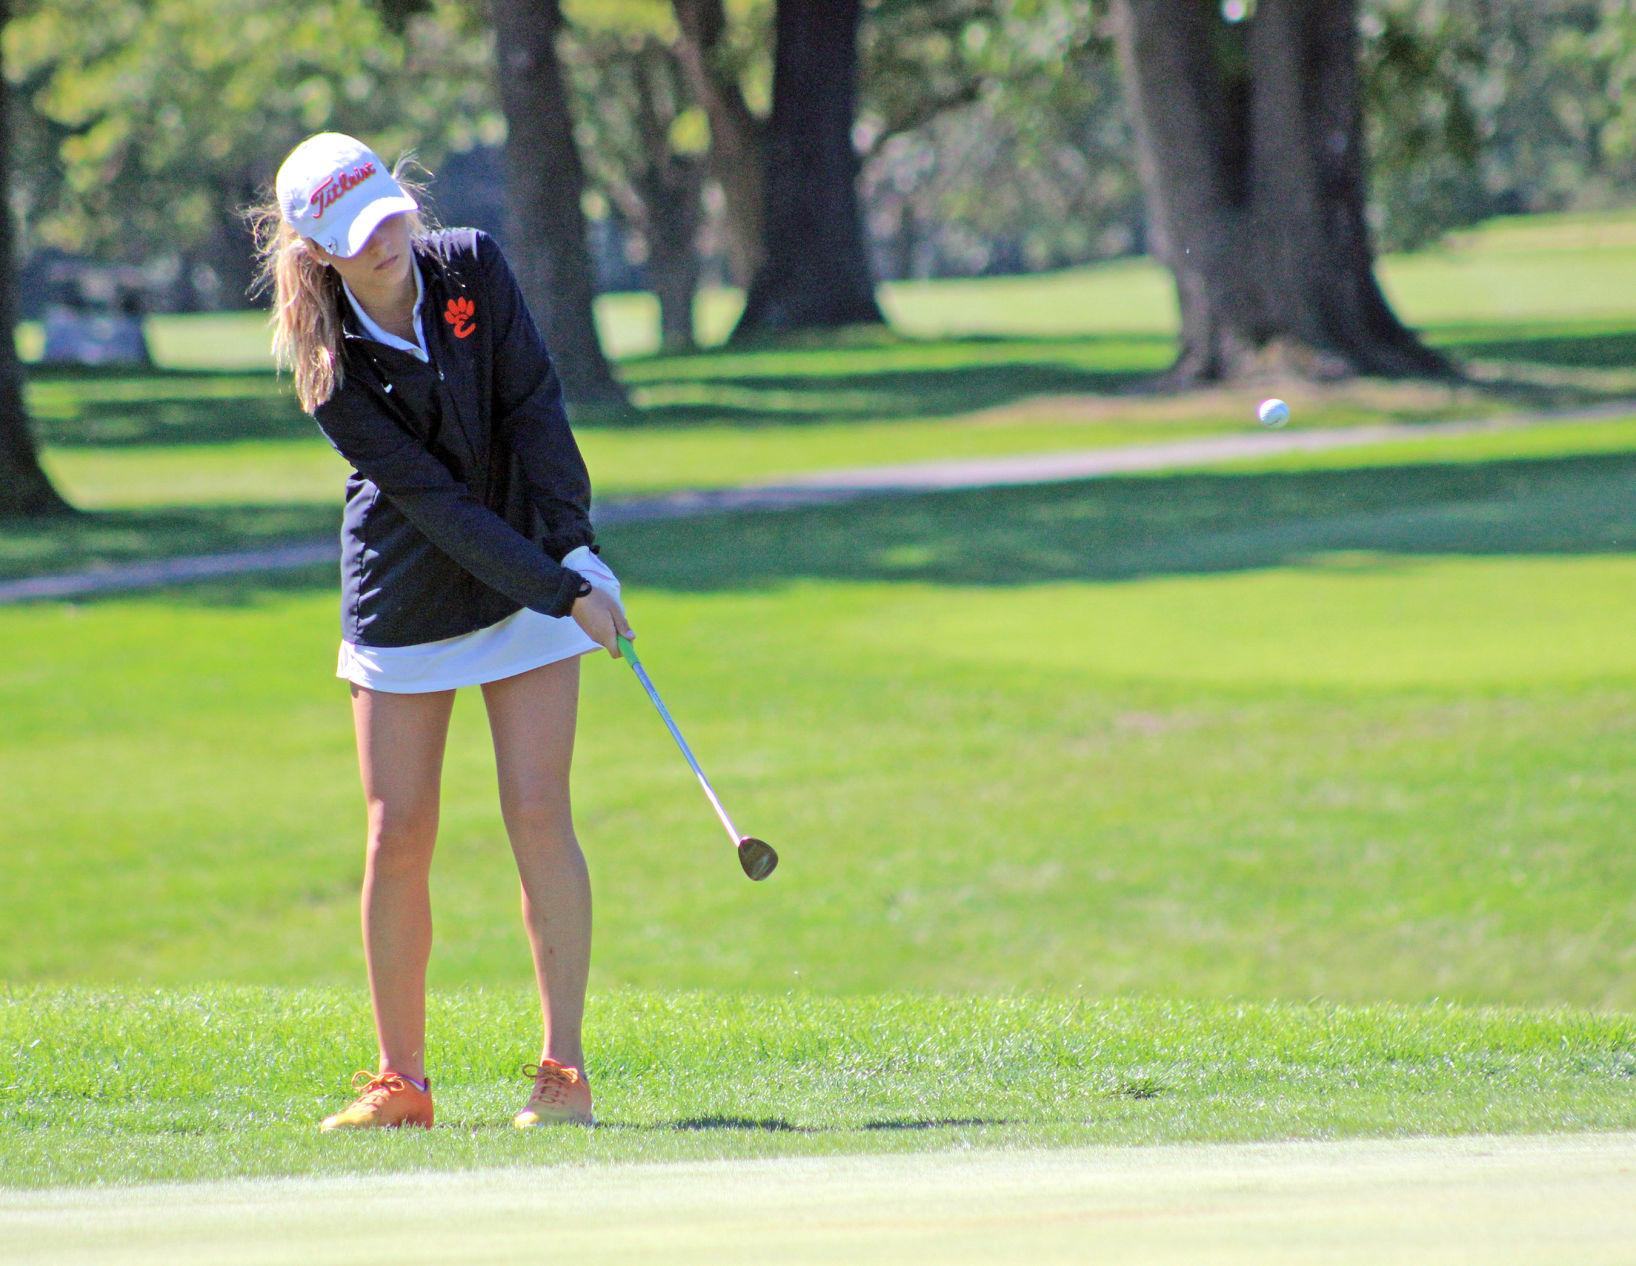 3A girls golf: High drama as Perkins wins playoff, DH wins team title (again) - St